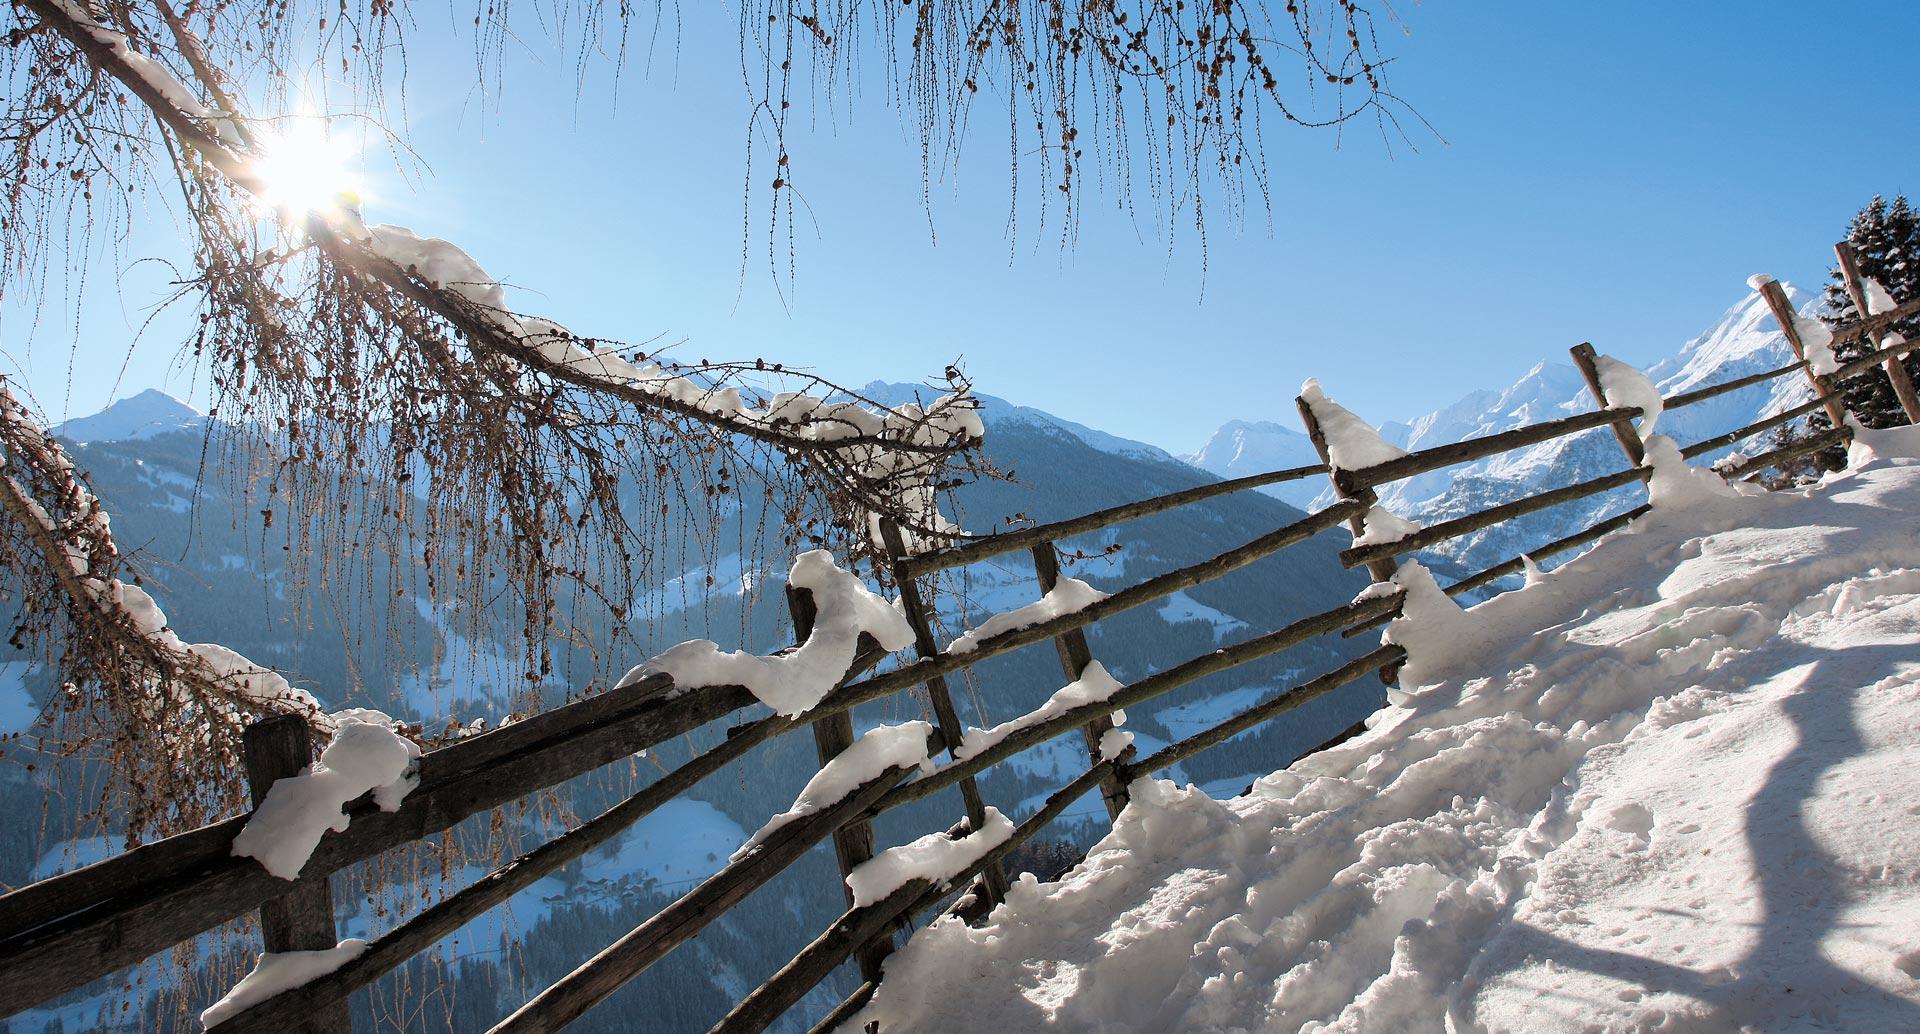 Paesaggi invernali come nelle fiabe al stullerhof for Paesaggi invernali per desktop